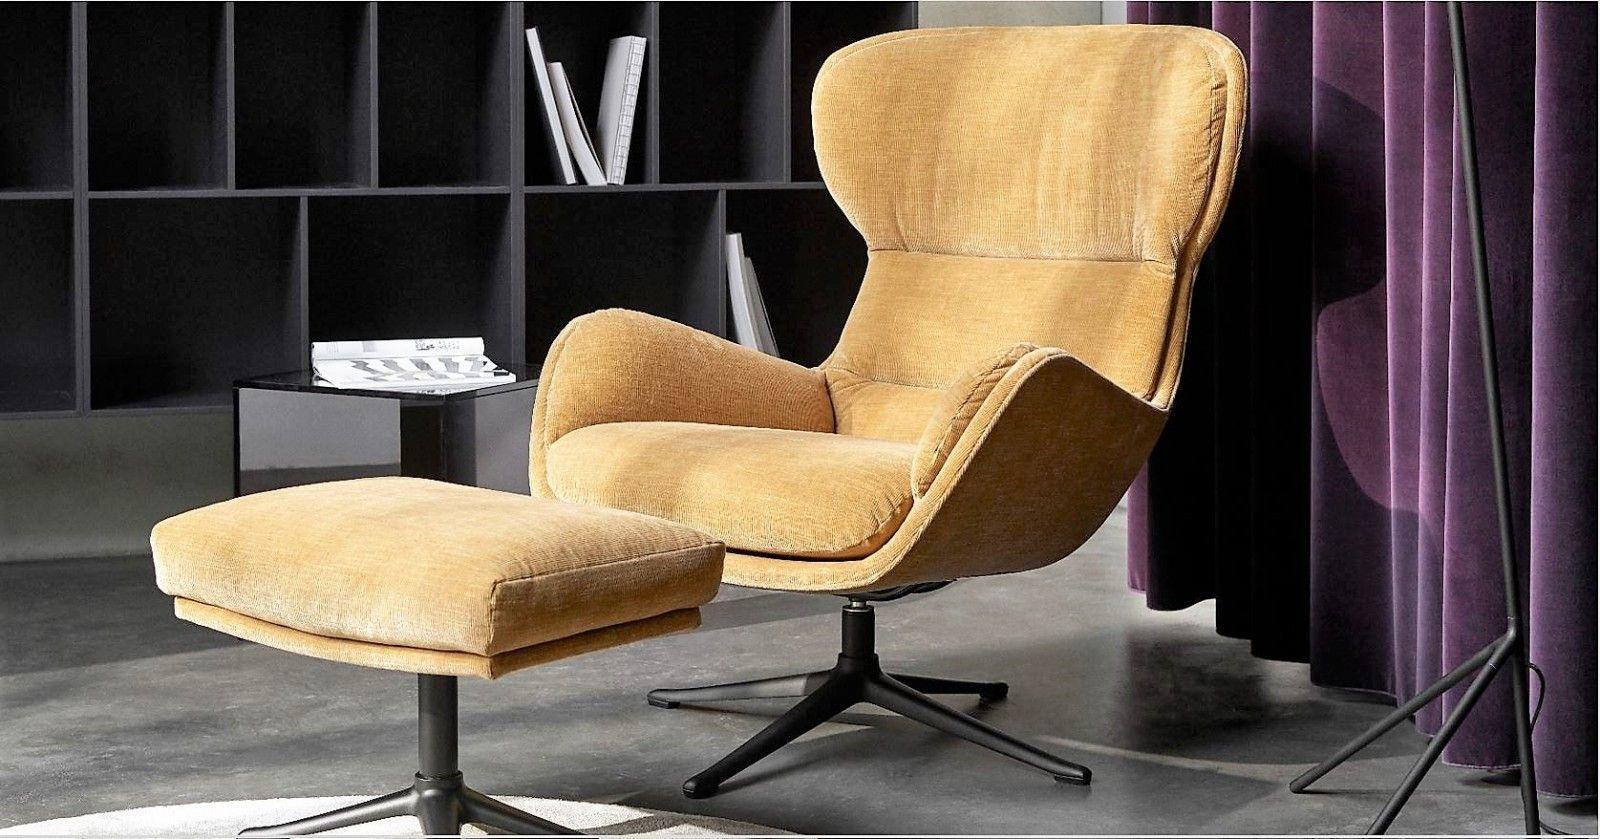 boconcept hannover reno sessel design mit komfort. Black Bedroom Furniture Sets. Home Design Ideas